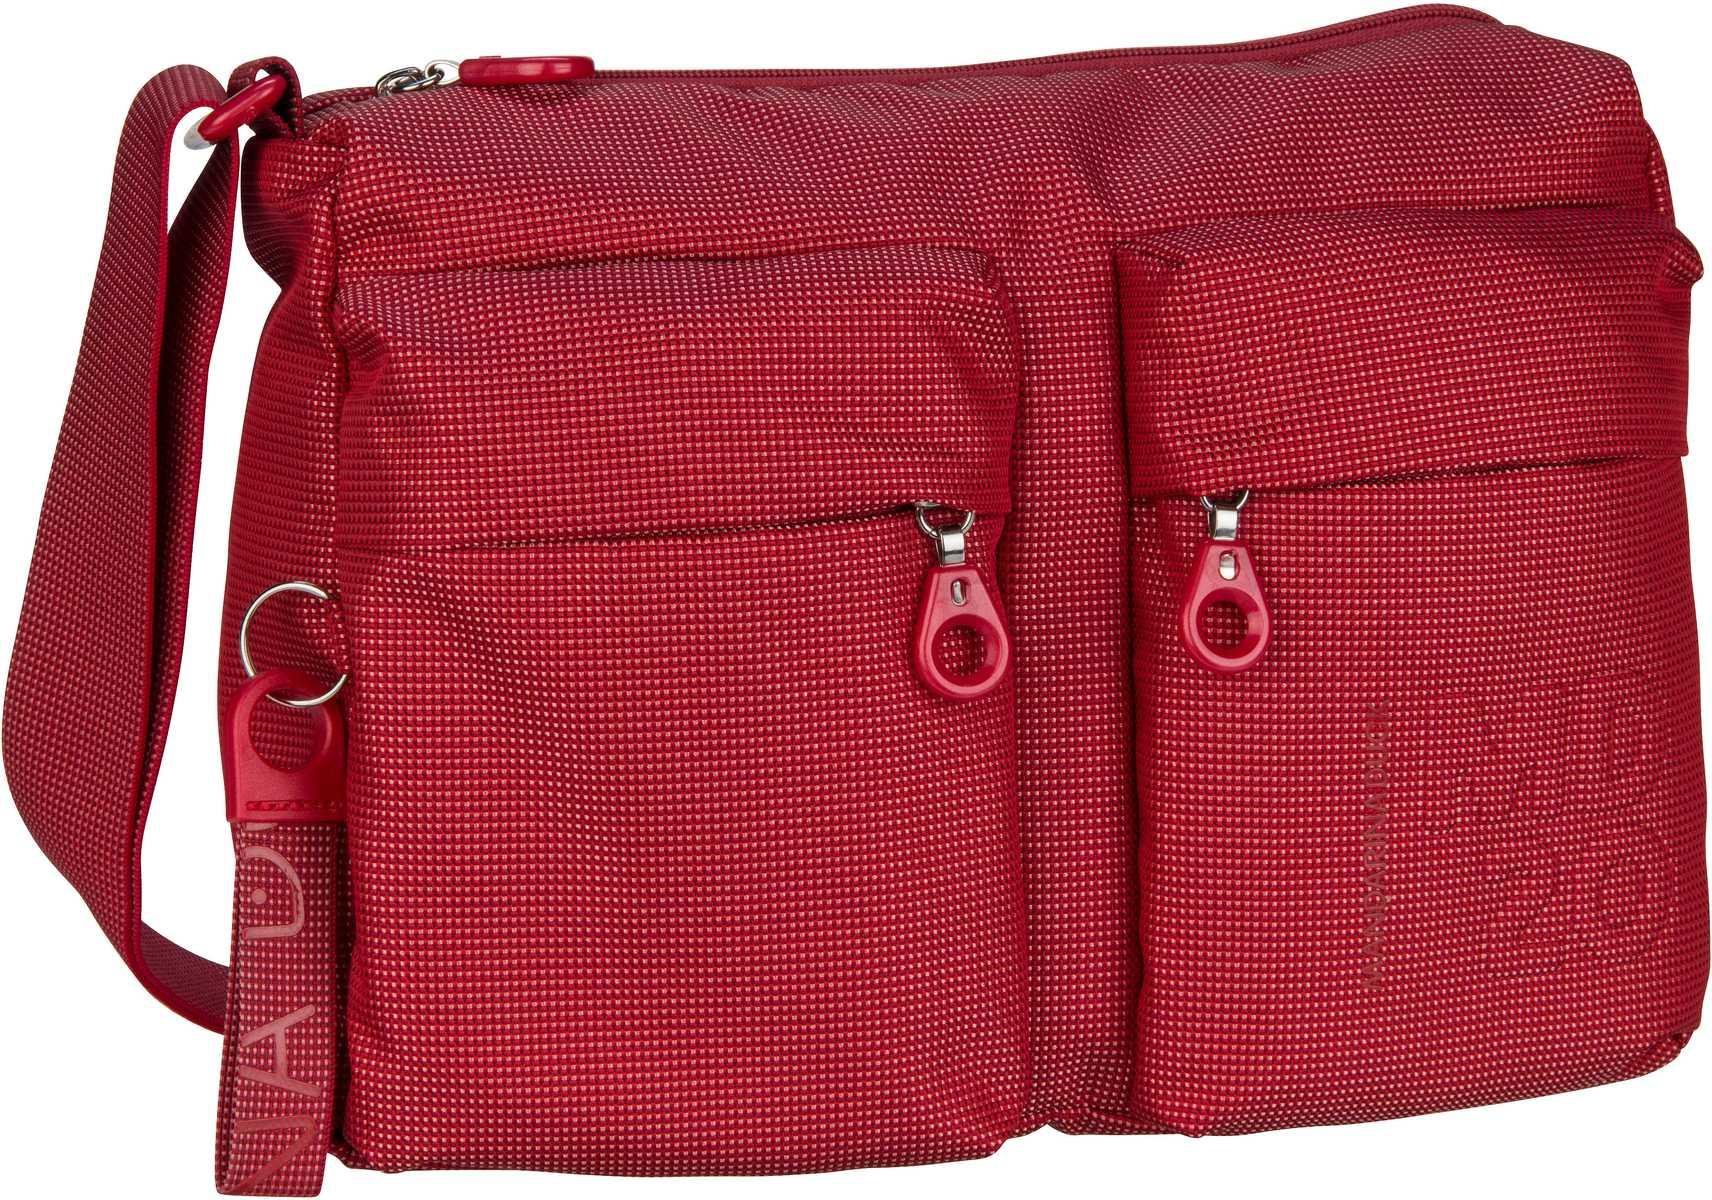 Umhängetasche MD20 Crossover Bag QMTT5 Flame Scarlet